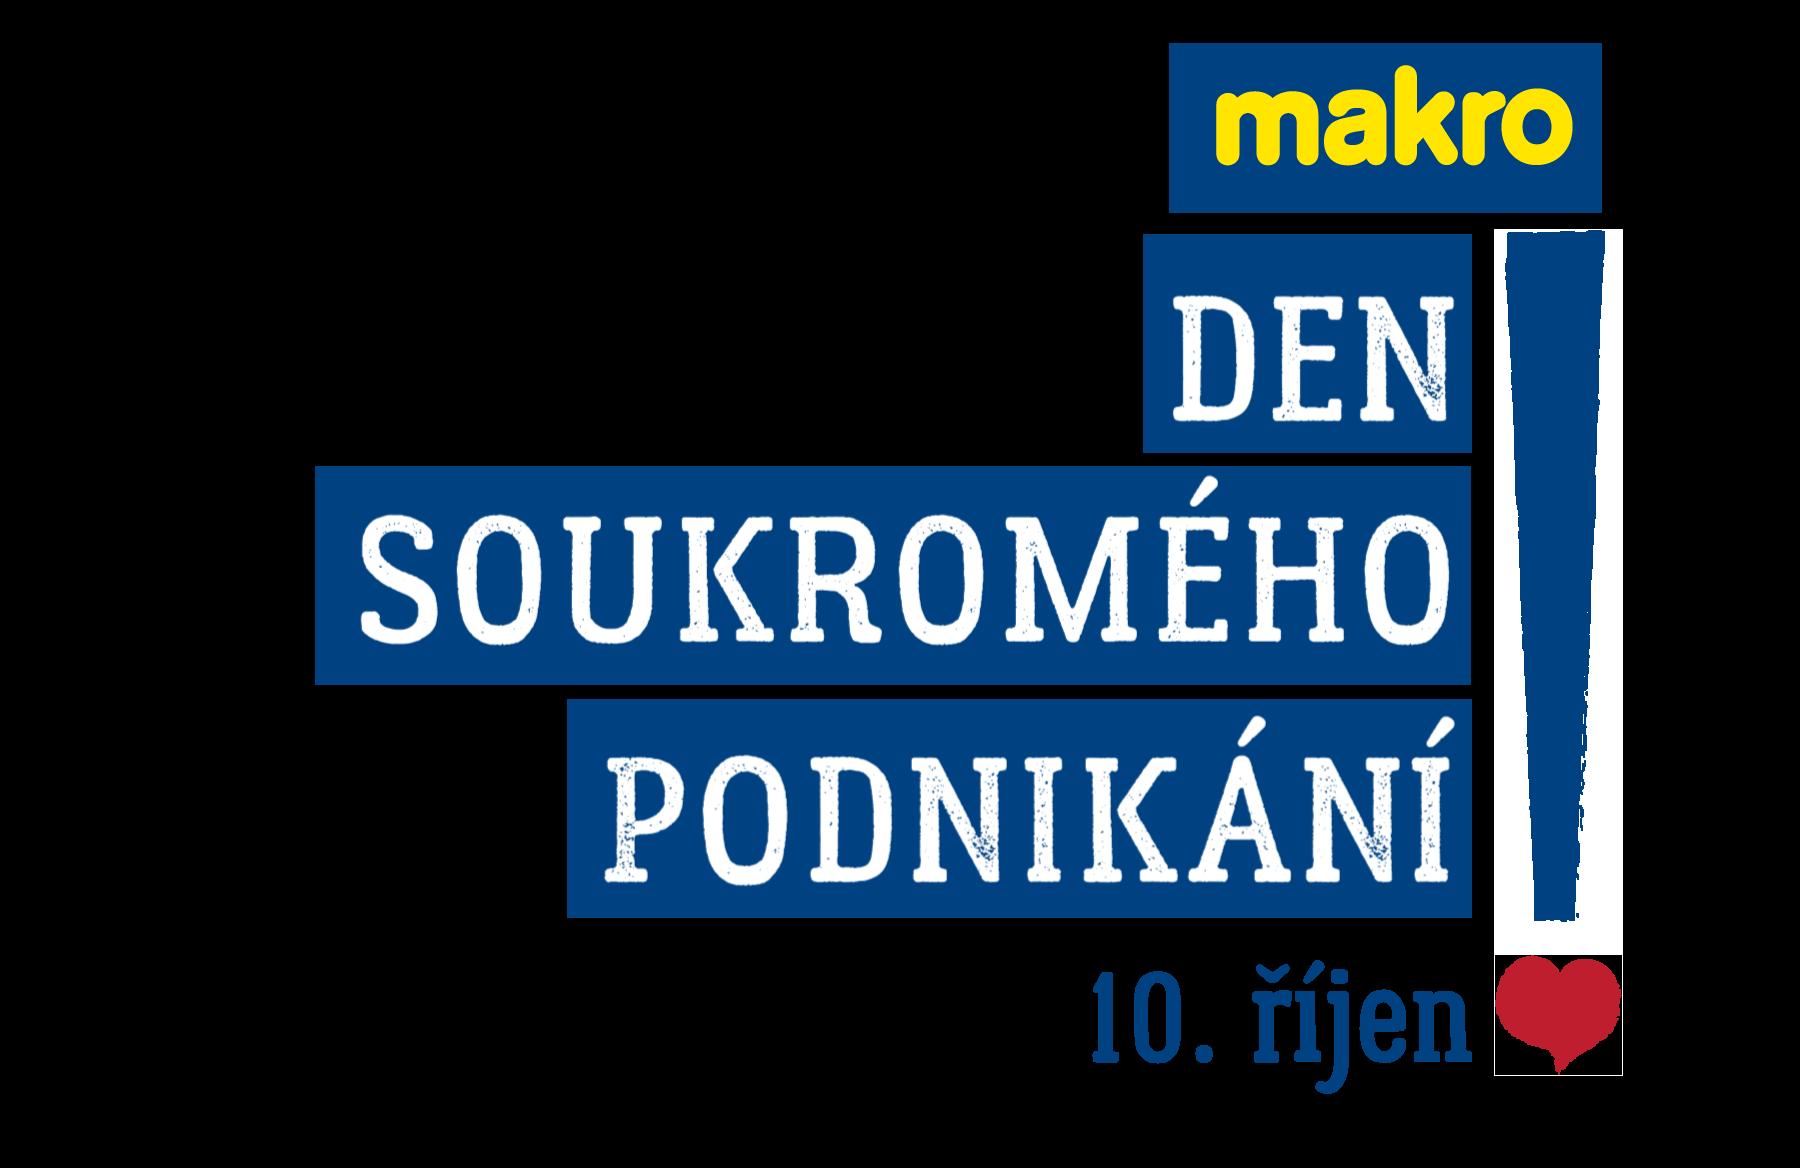 AMSP ČR a MAKRO letos společně vytvoří největší celorepublikovou akci na podporu drobných podnikatelů